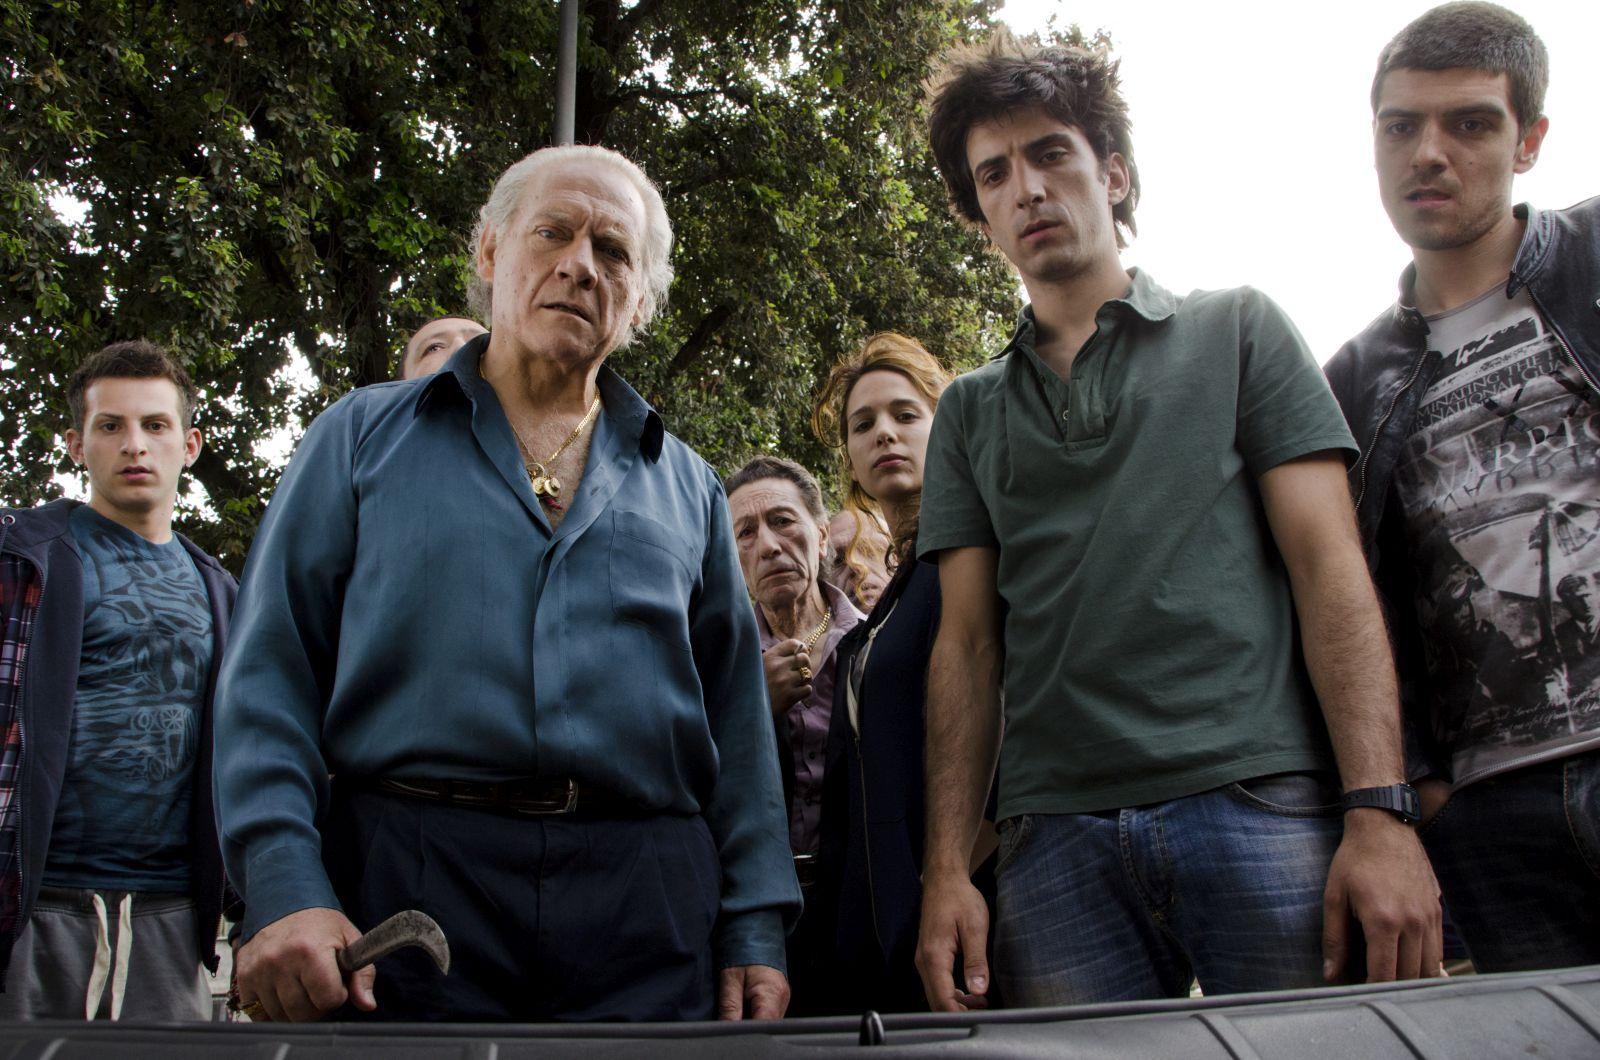 Tre giorni dopo: Giorgio Colangeli, Davide Gagliardi e Francesco Turbanti in una scena del film